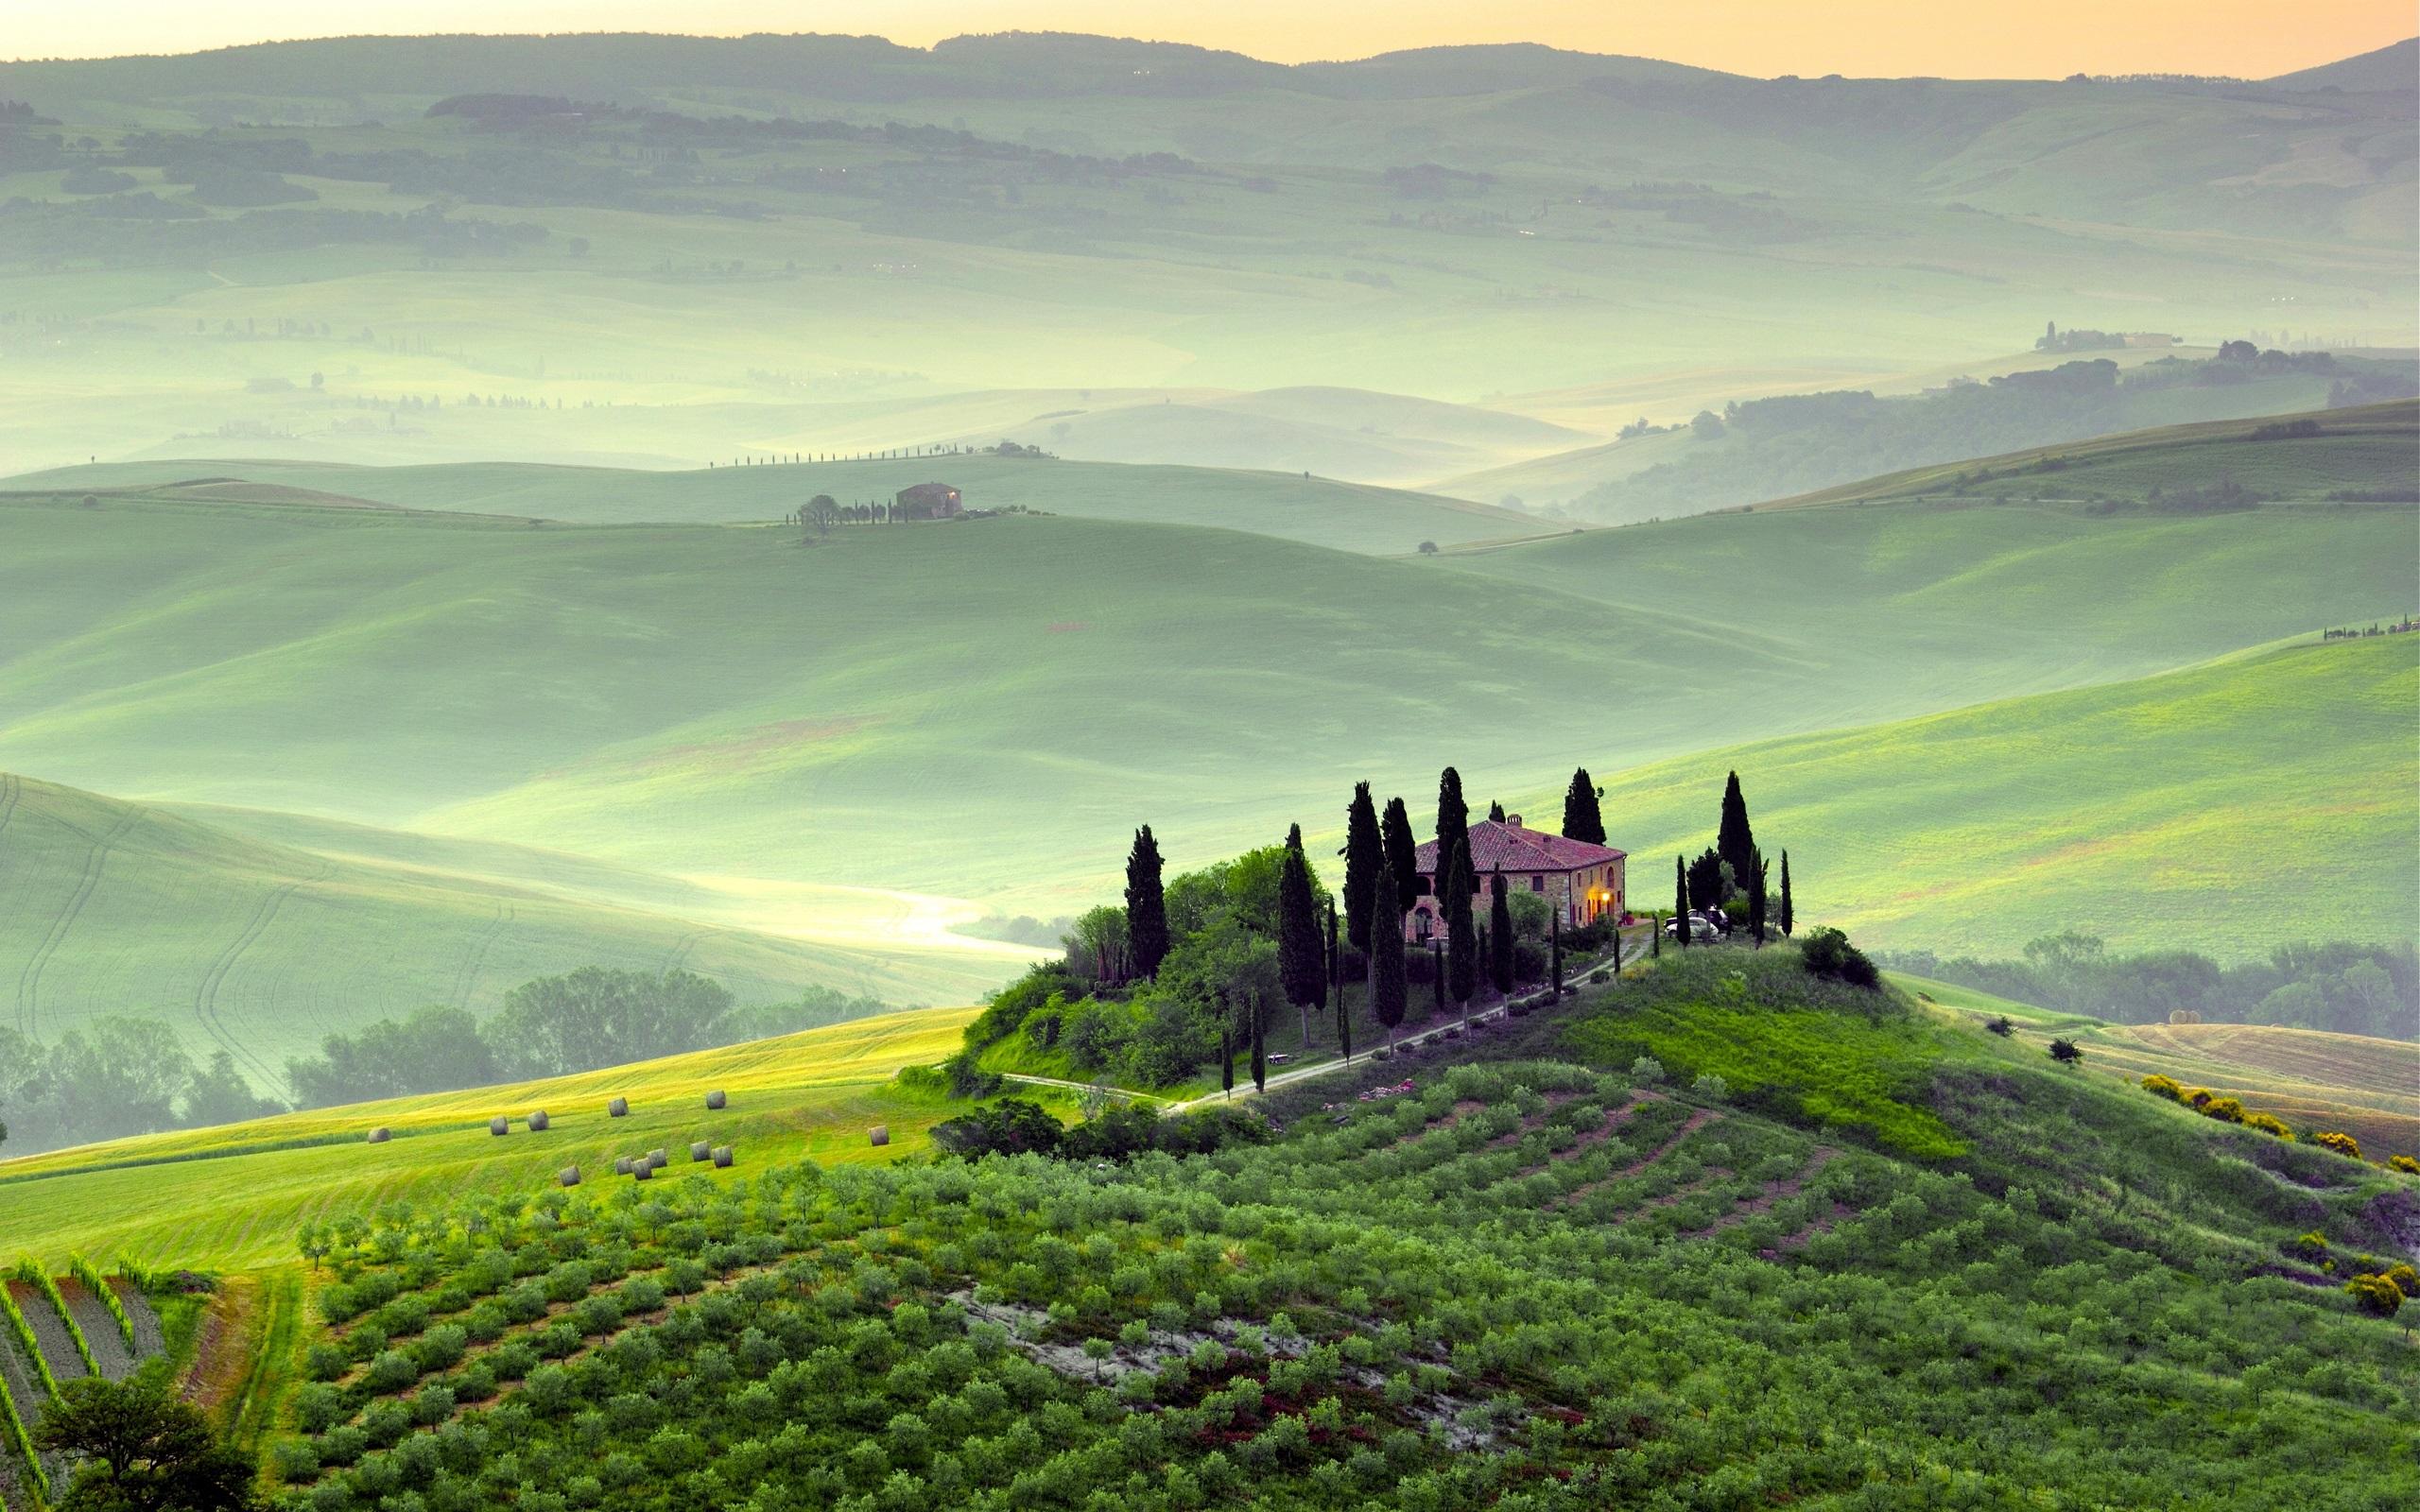 Pienza Italy  City pictures : Pienza, Toskana, Italien, Frühling Landschaft, Felder, Bäume, Morgen ...